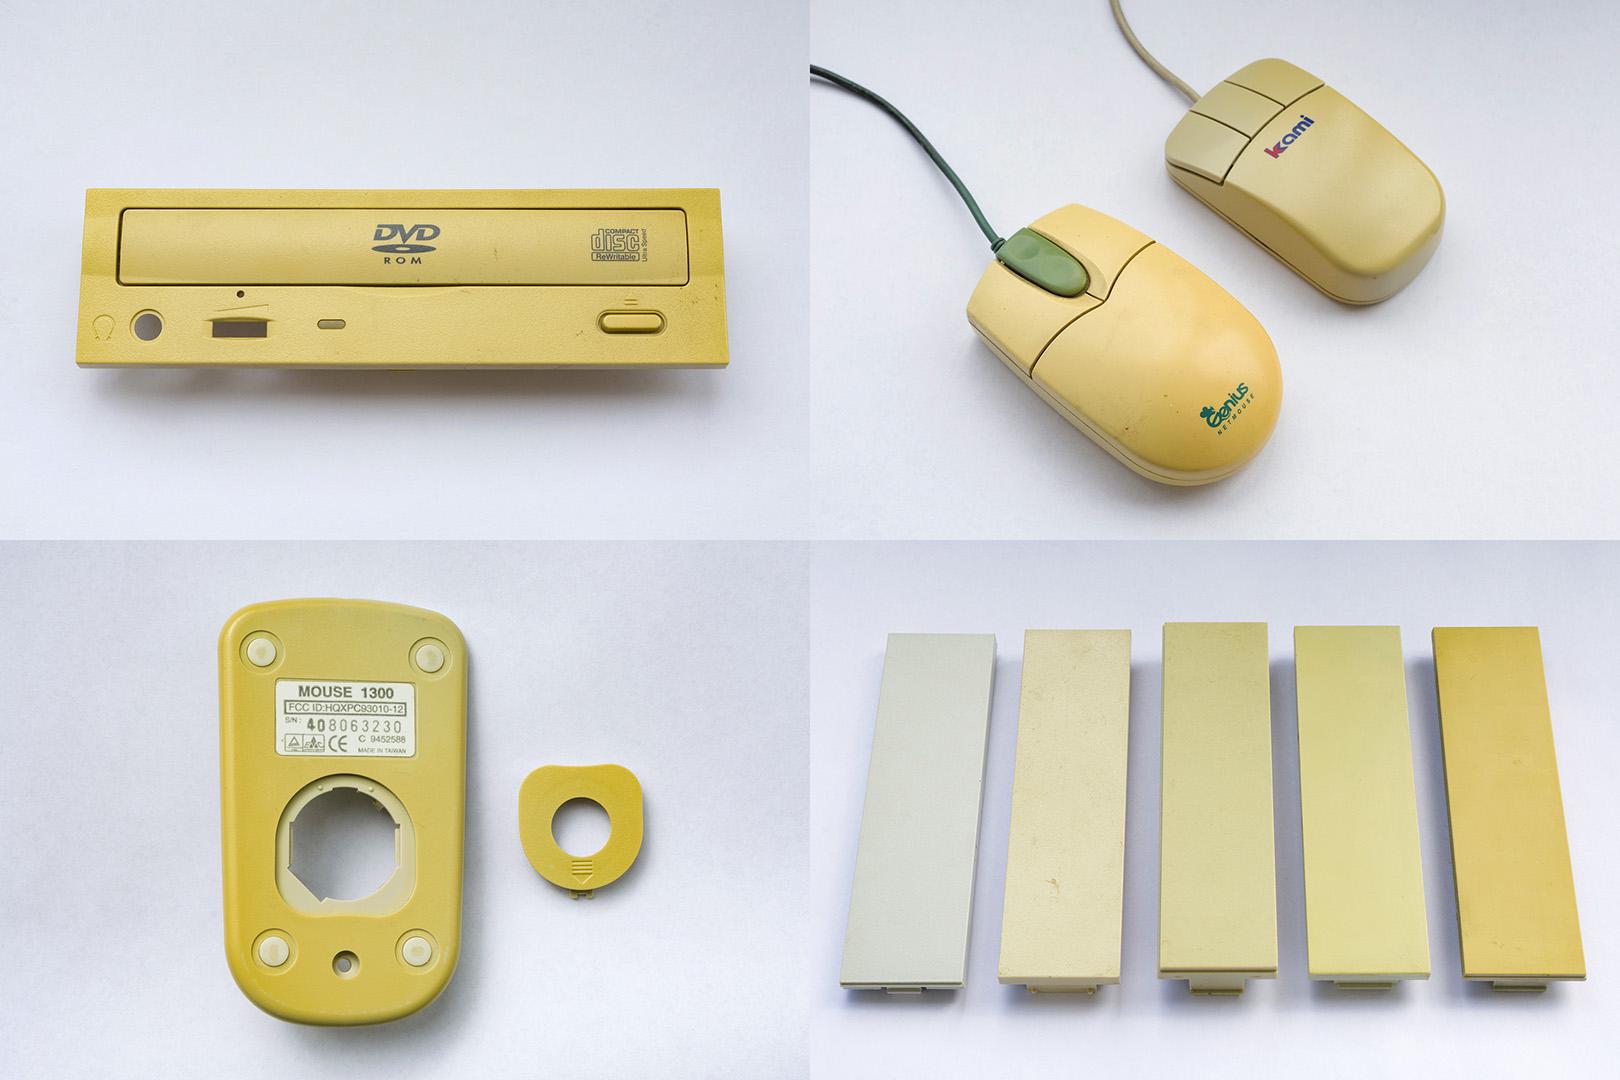 50 оттенков жёлтого. Проверяем на практике технологию Retrobright